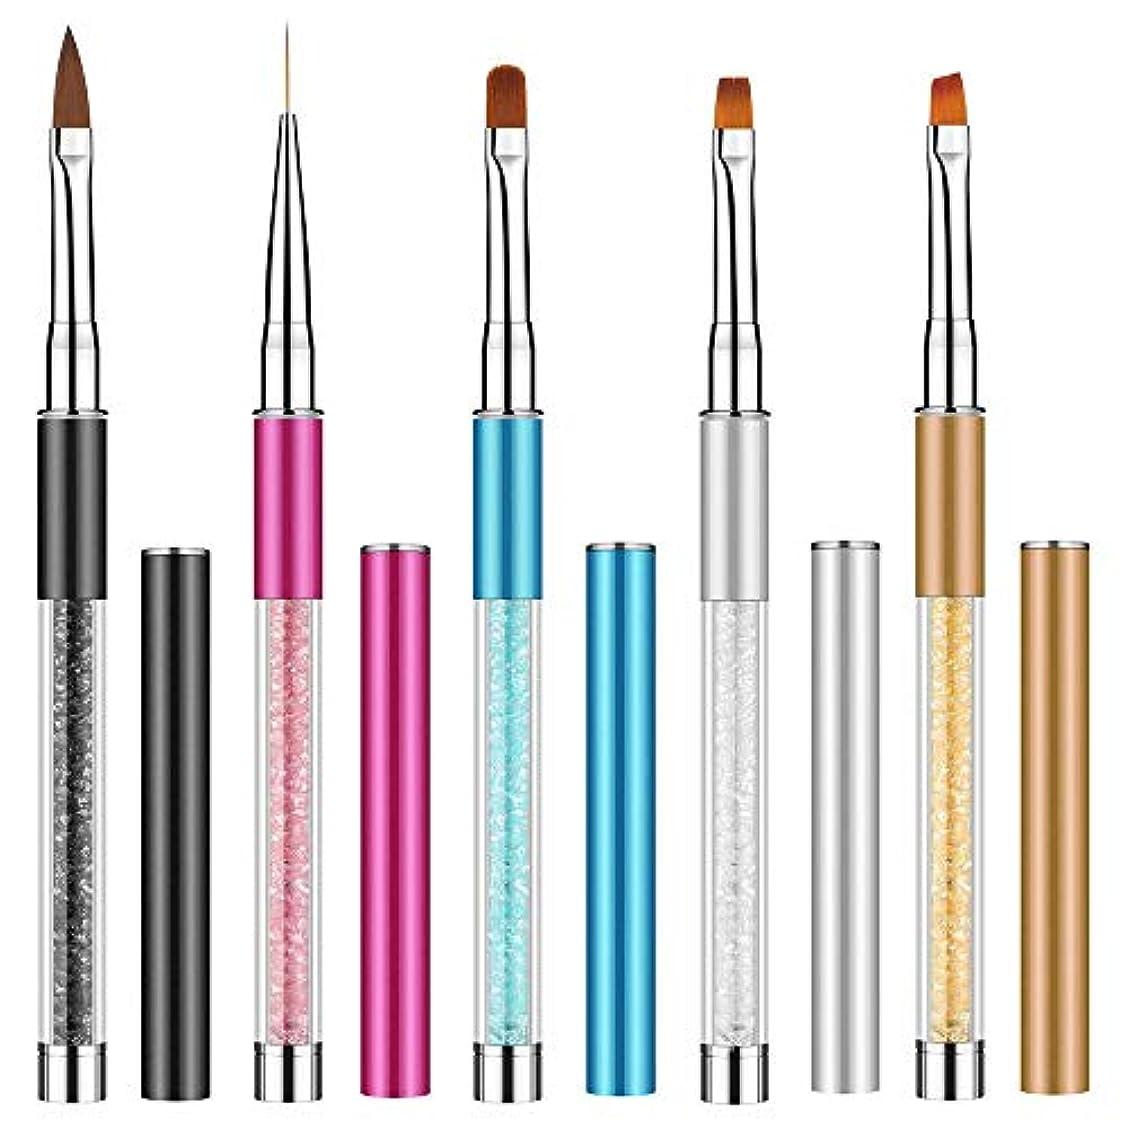 ファイバ私たちのもの粒5本セッネイルアートブラシ Kalolary ネールアートペン ネールブラシセット マニキュアツールキット アクリル UV用 ネイルツール ネイル用品 キャップ付き